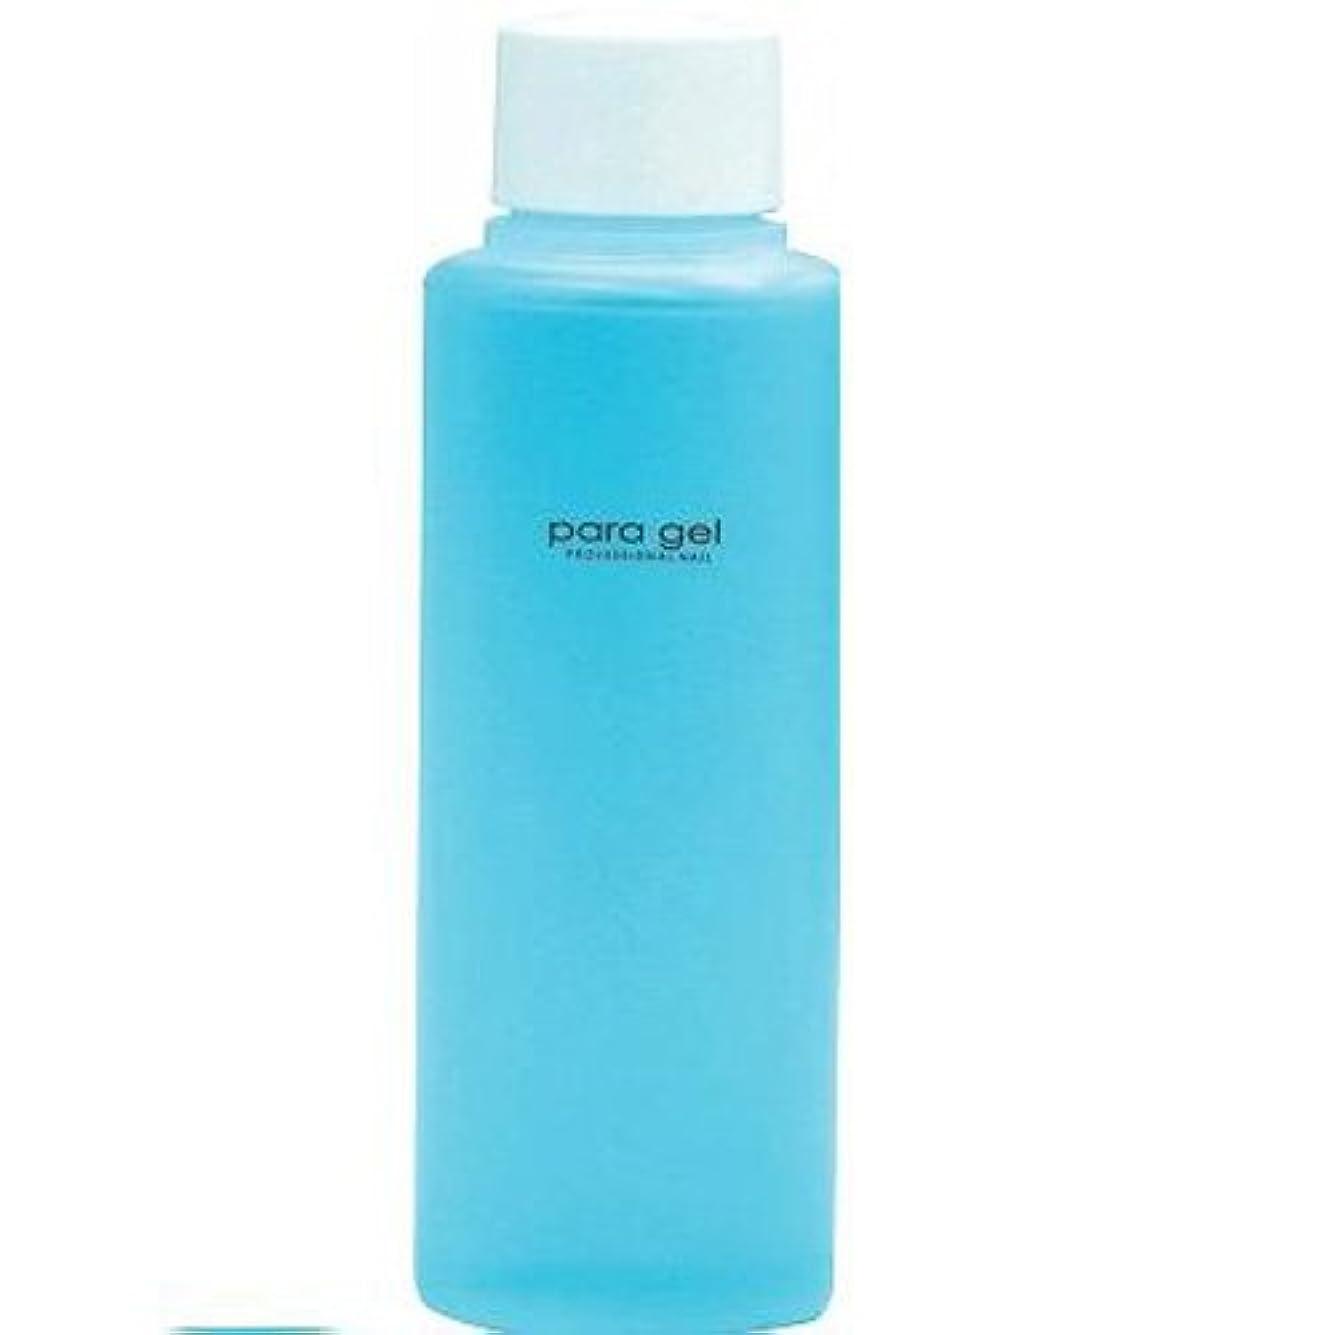 パラジェル(para gel) パラプレップ 120ml